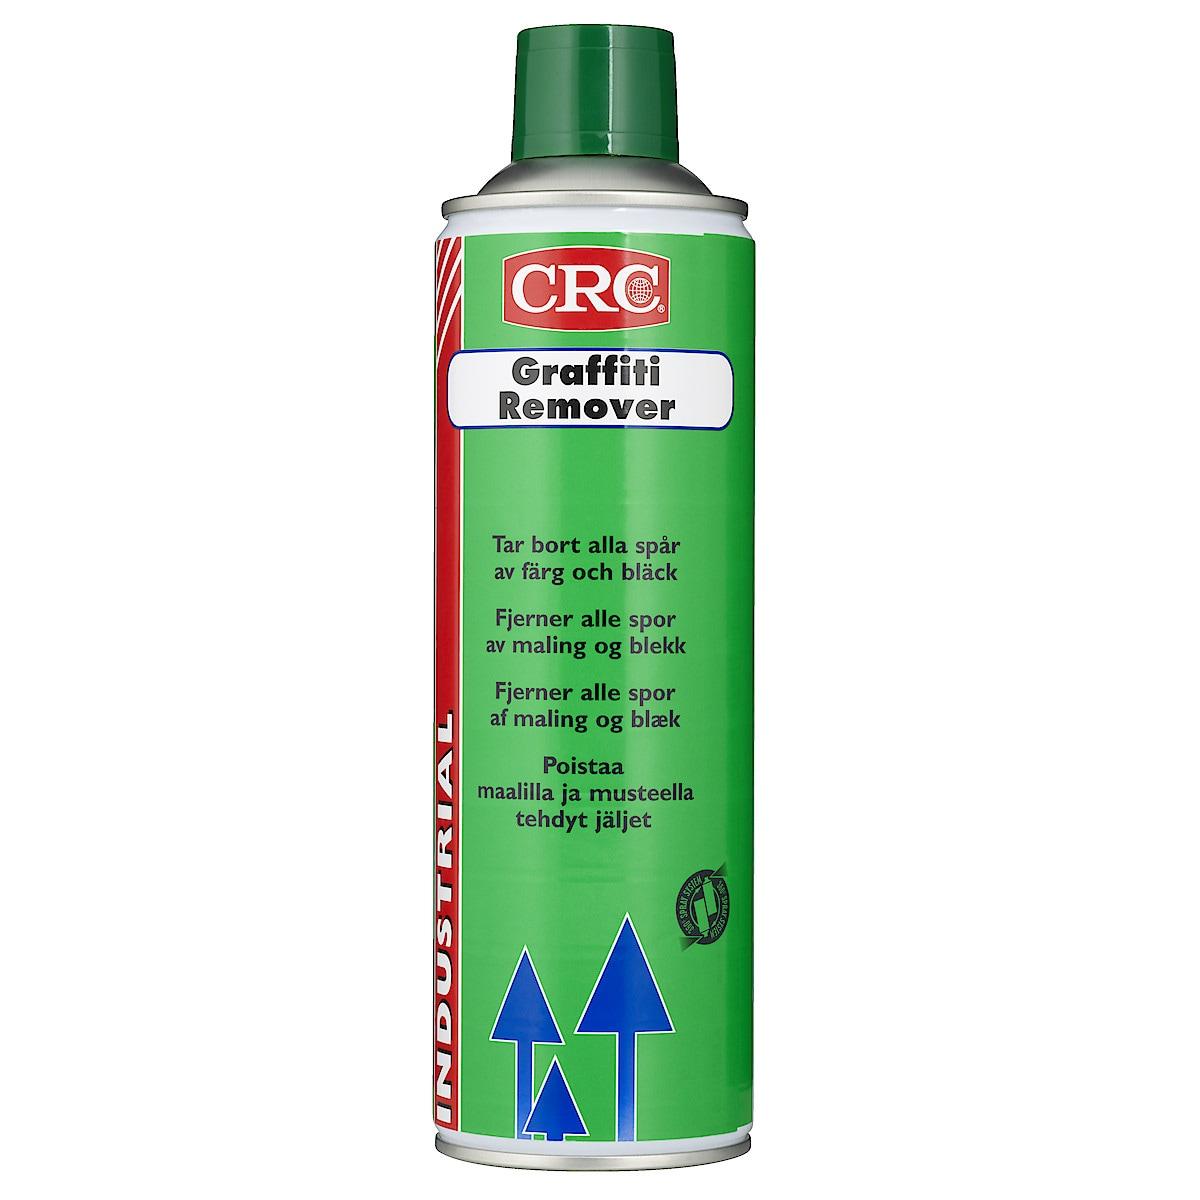 Graffiti Remover CRC